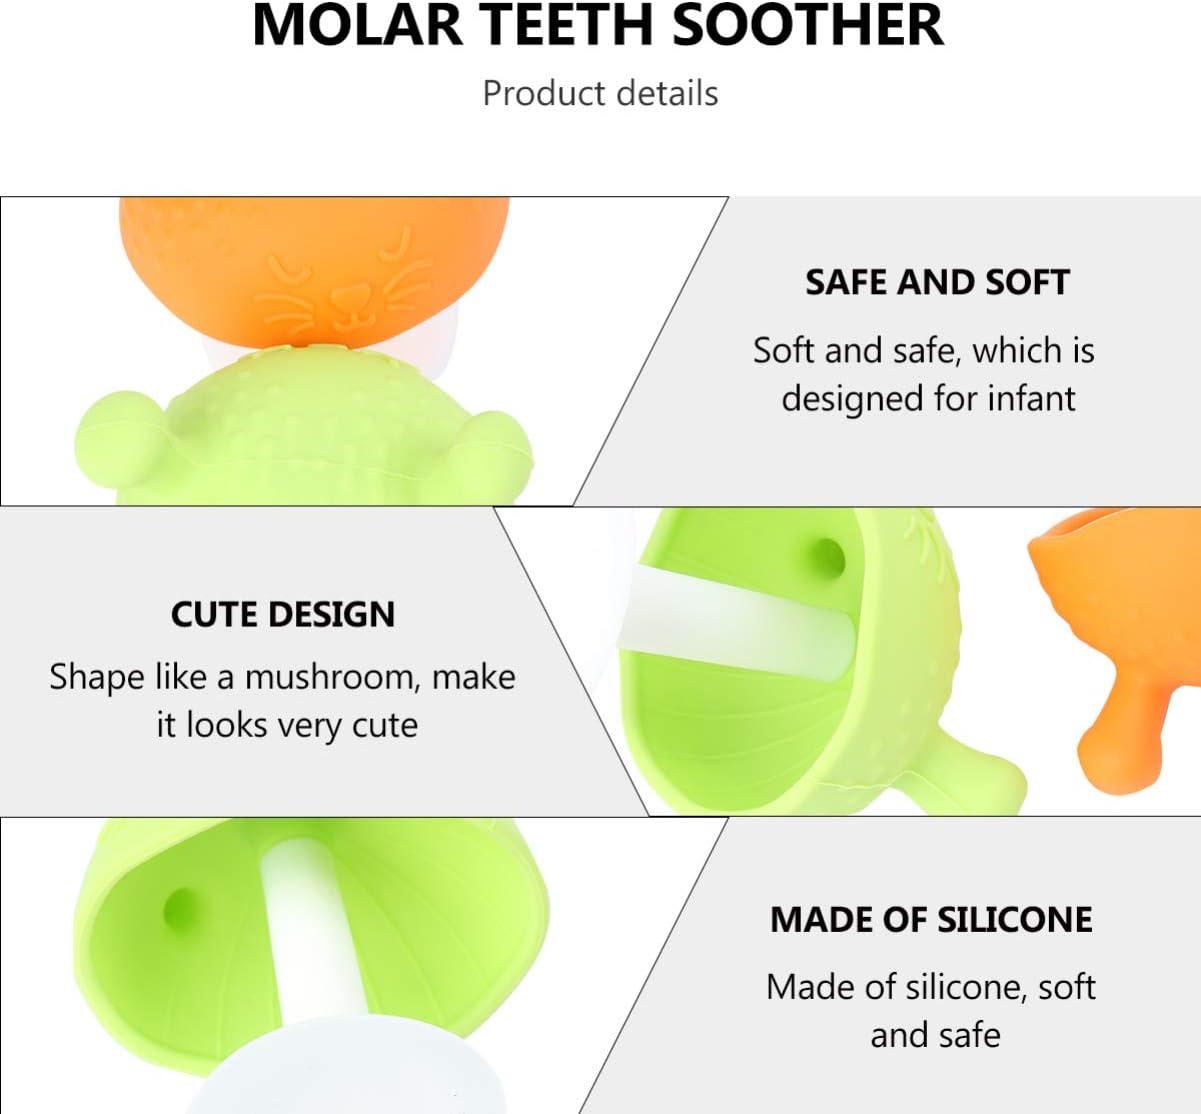 EXCEART 2 Piezas de Silicona Juguetes para La Dentici/ón Del Beb/é Mordedor Sonajero para Beb/és Chupete Relajante Juguetes para Morder para Beb/és Reci/én Nacidos Color Aleatorio